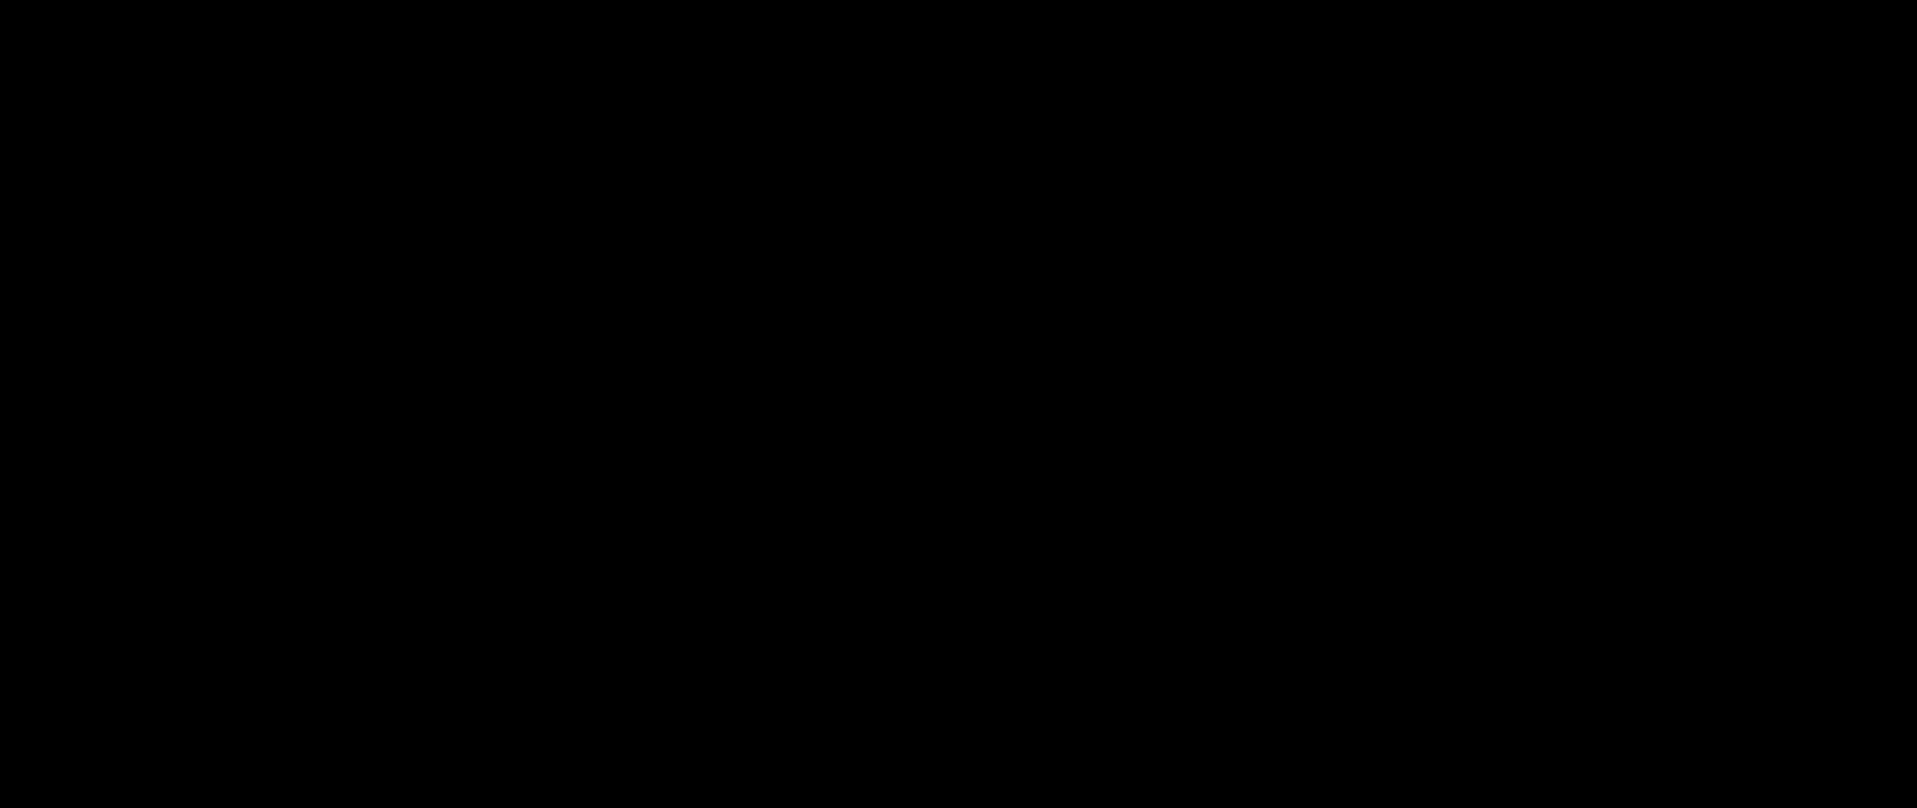 Картинки символа ихтис